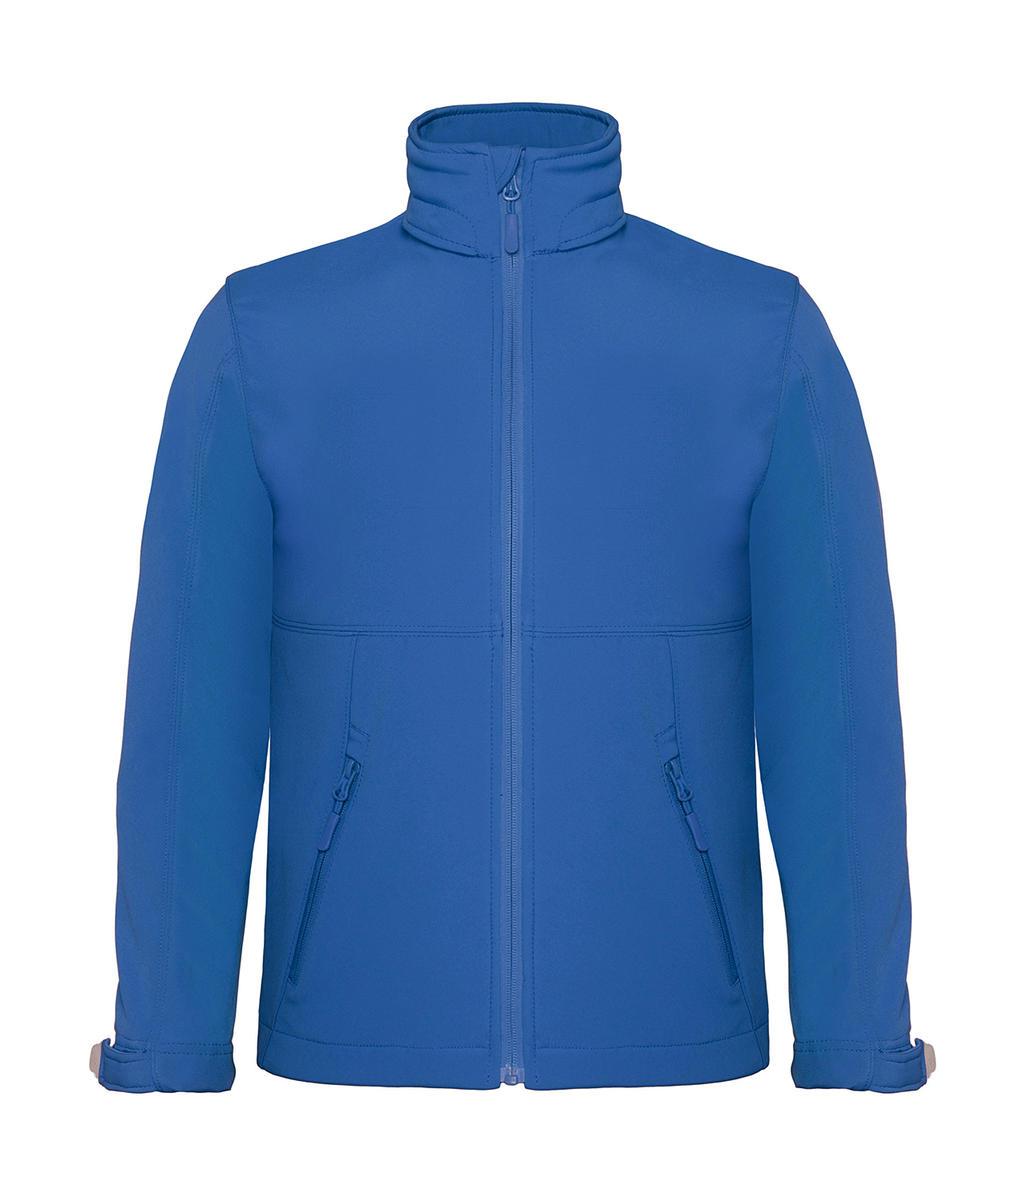 Dìtská bunda s kapucí Hooded Softshell/kids - zvìtšit obrázek